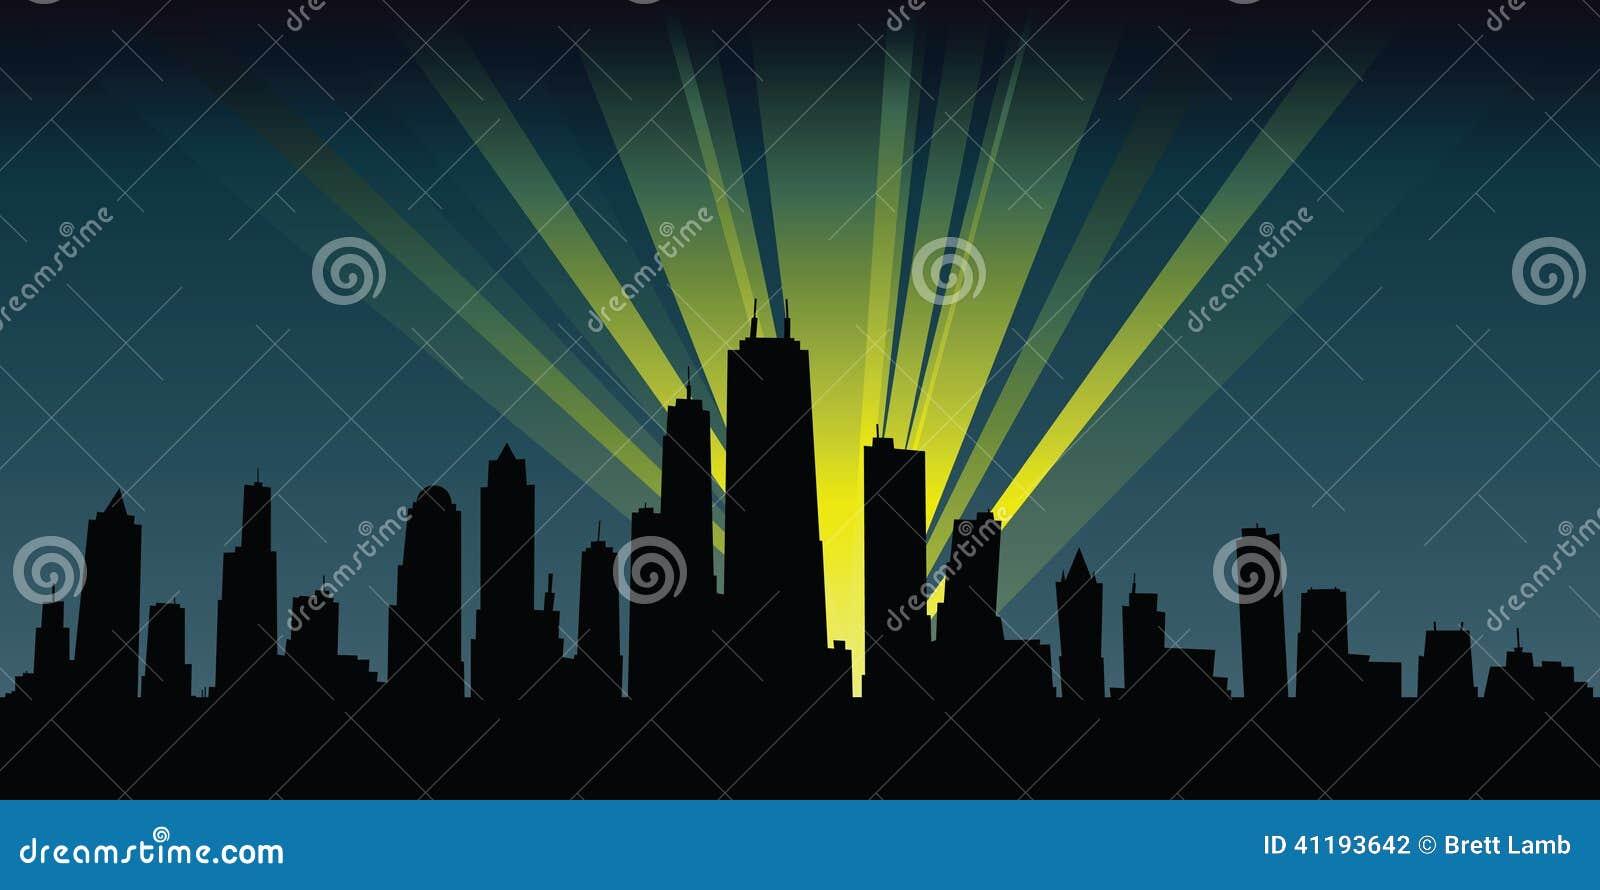 Spotlights illuminate ...